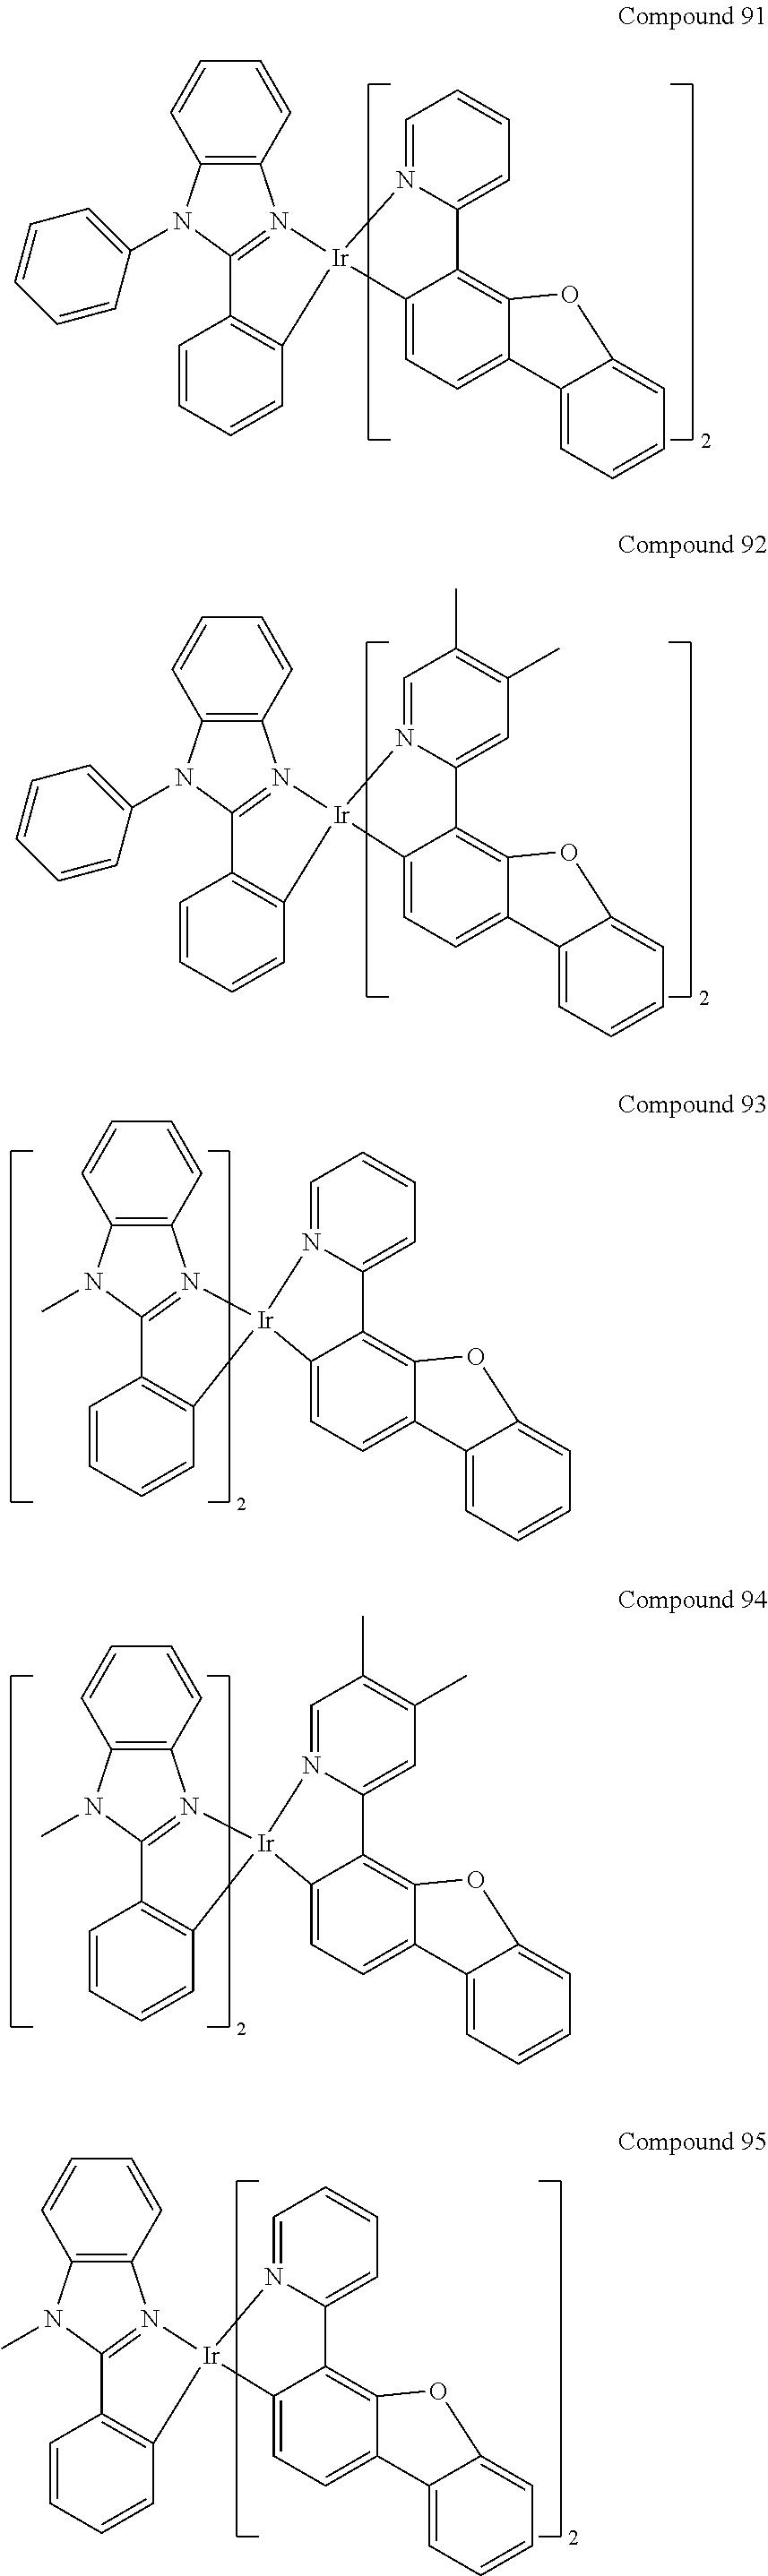 Figure US08795850-20140805-C00035